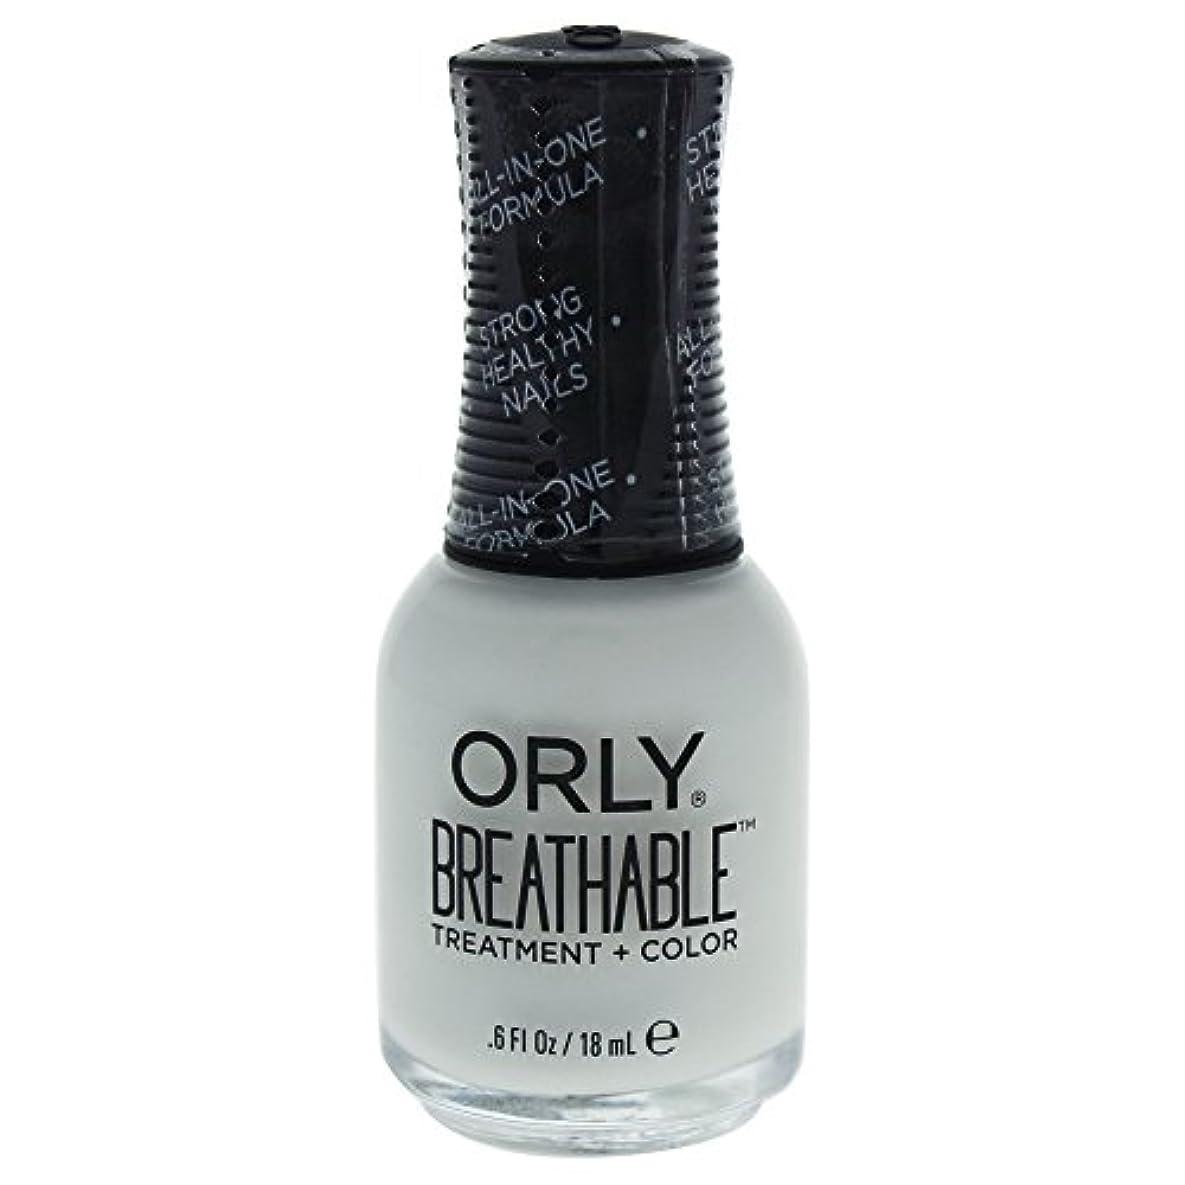 振りかけるゴネリル祝福Orly Breathable Treatment + Color Nail Lacquer - White Tips - 0.6oz / 18ml